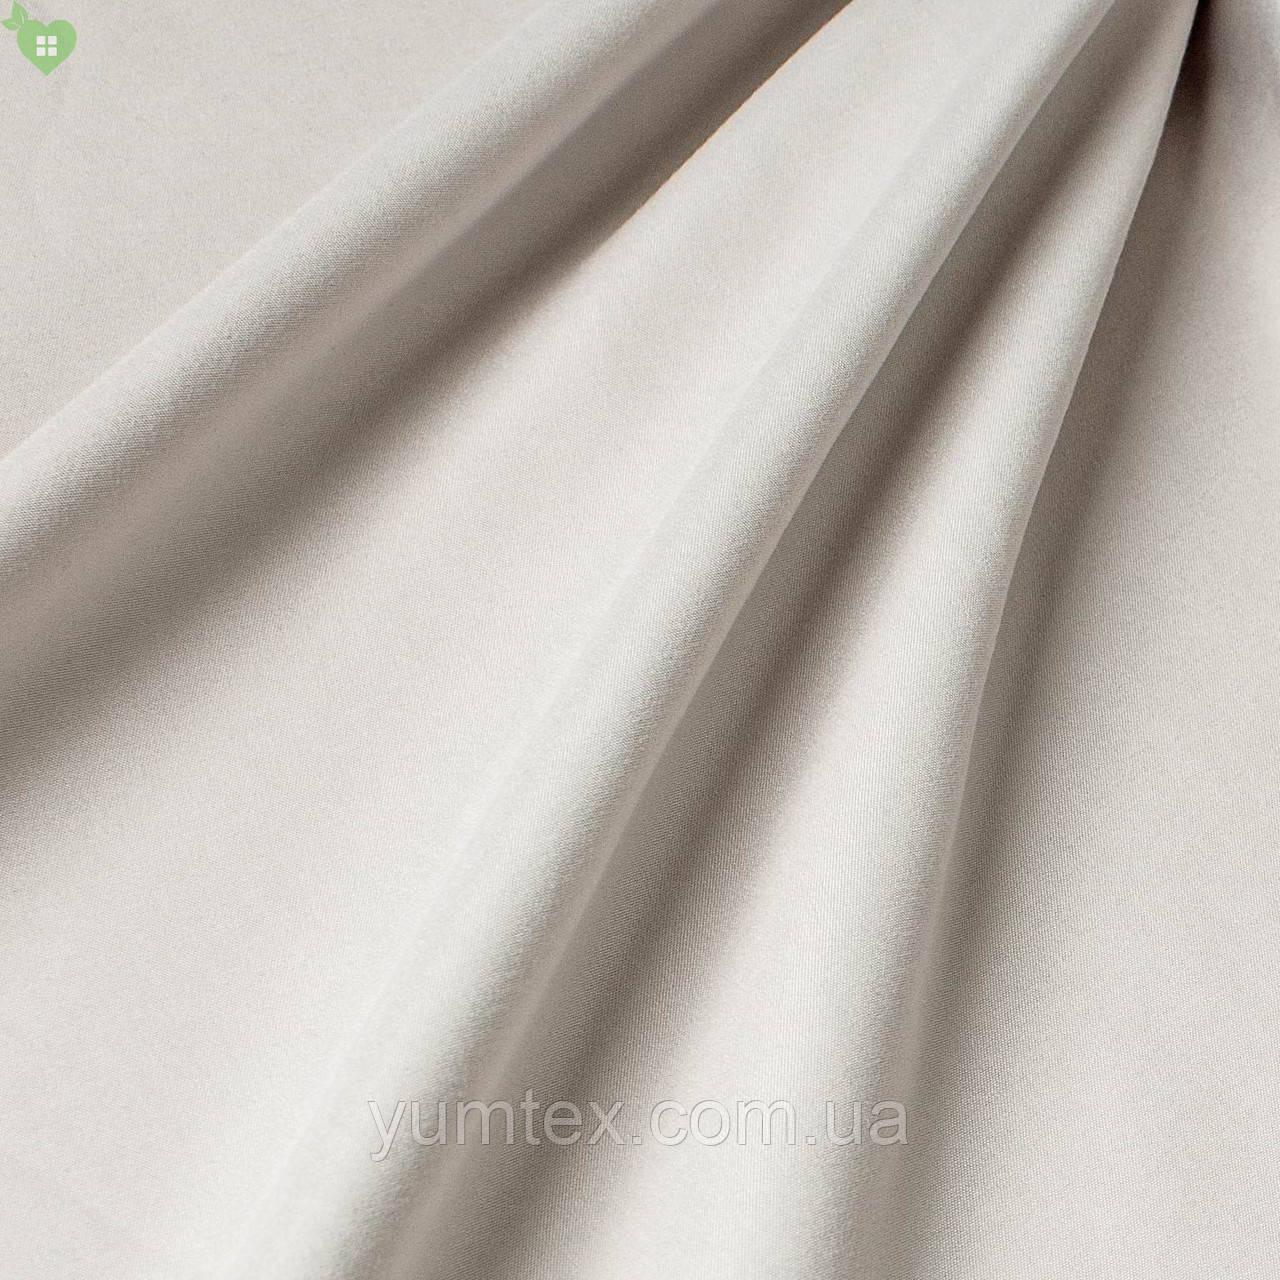 Подкладочная ткань с матовой фактурой бежевая без рисунка Испания